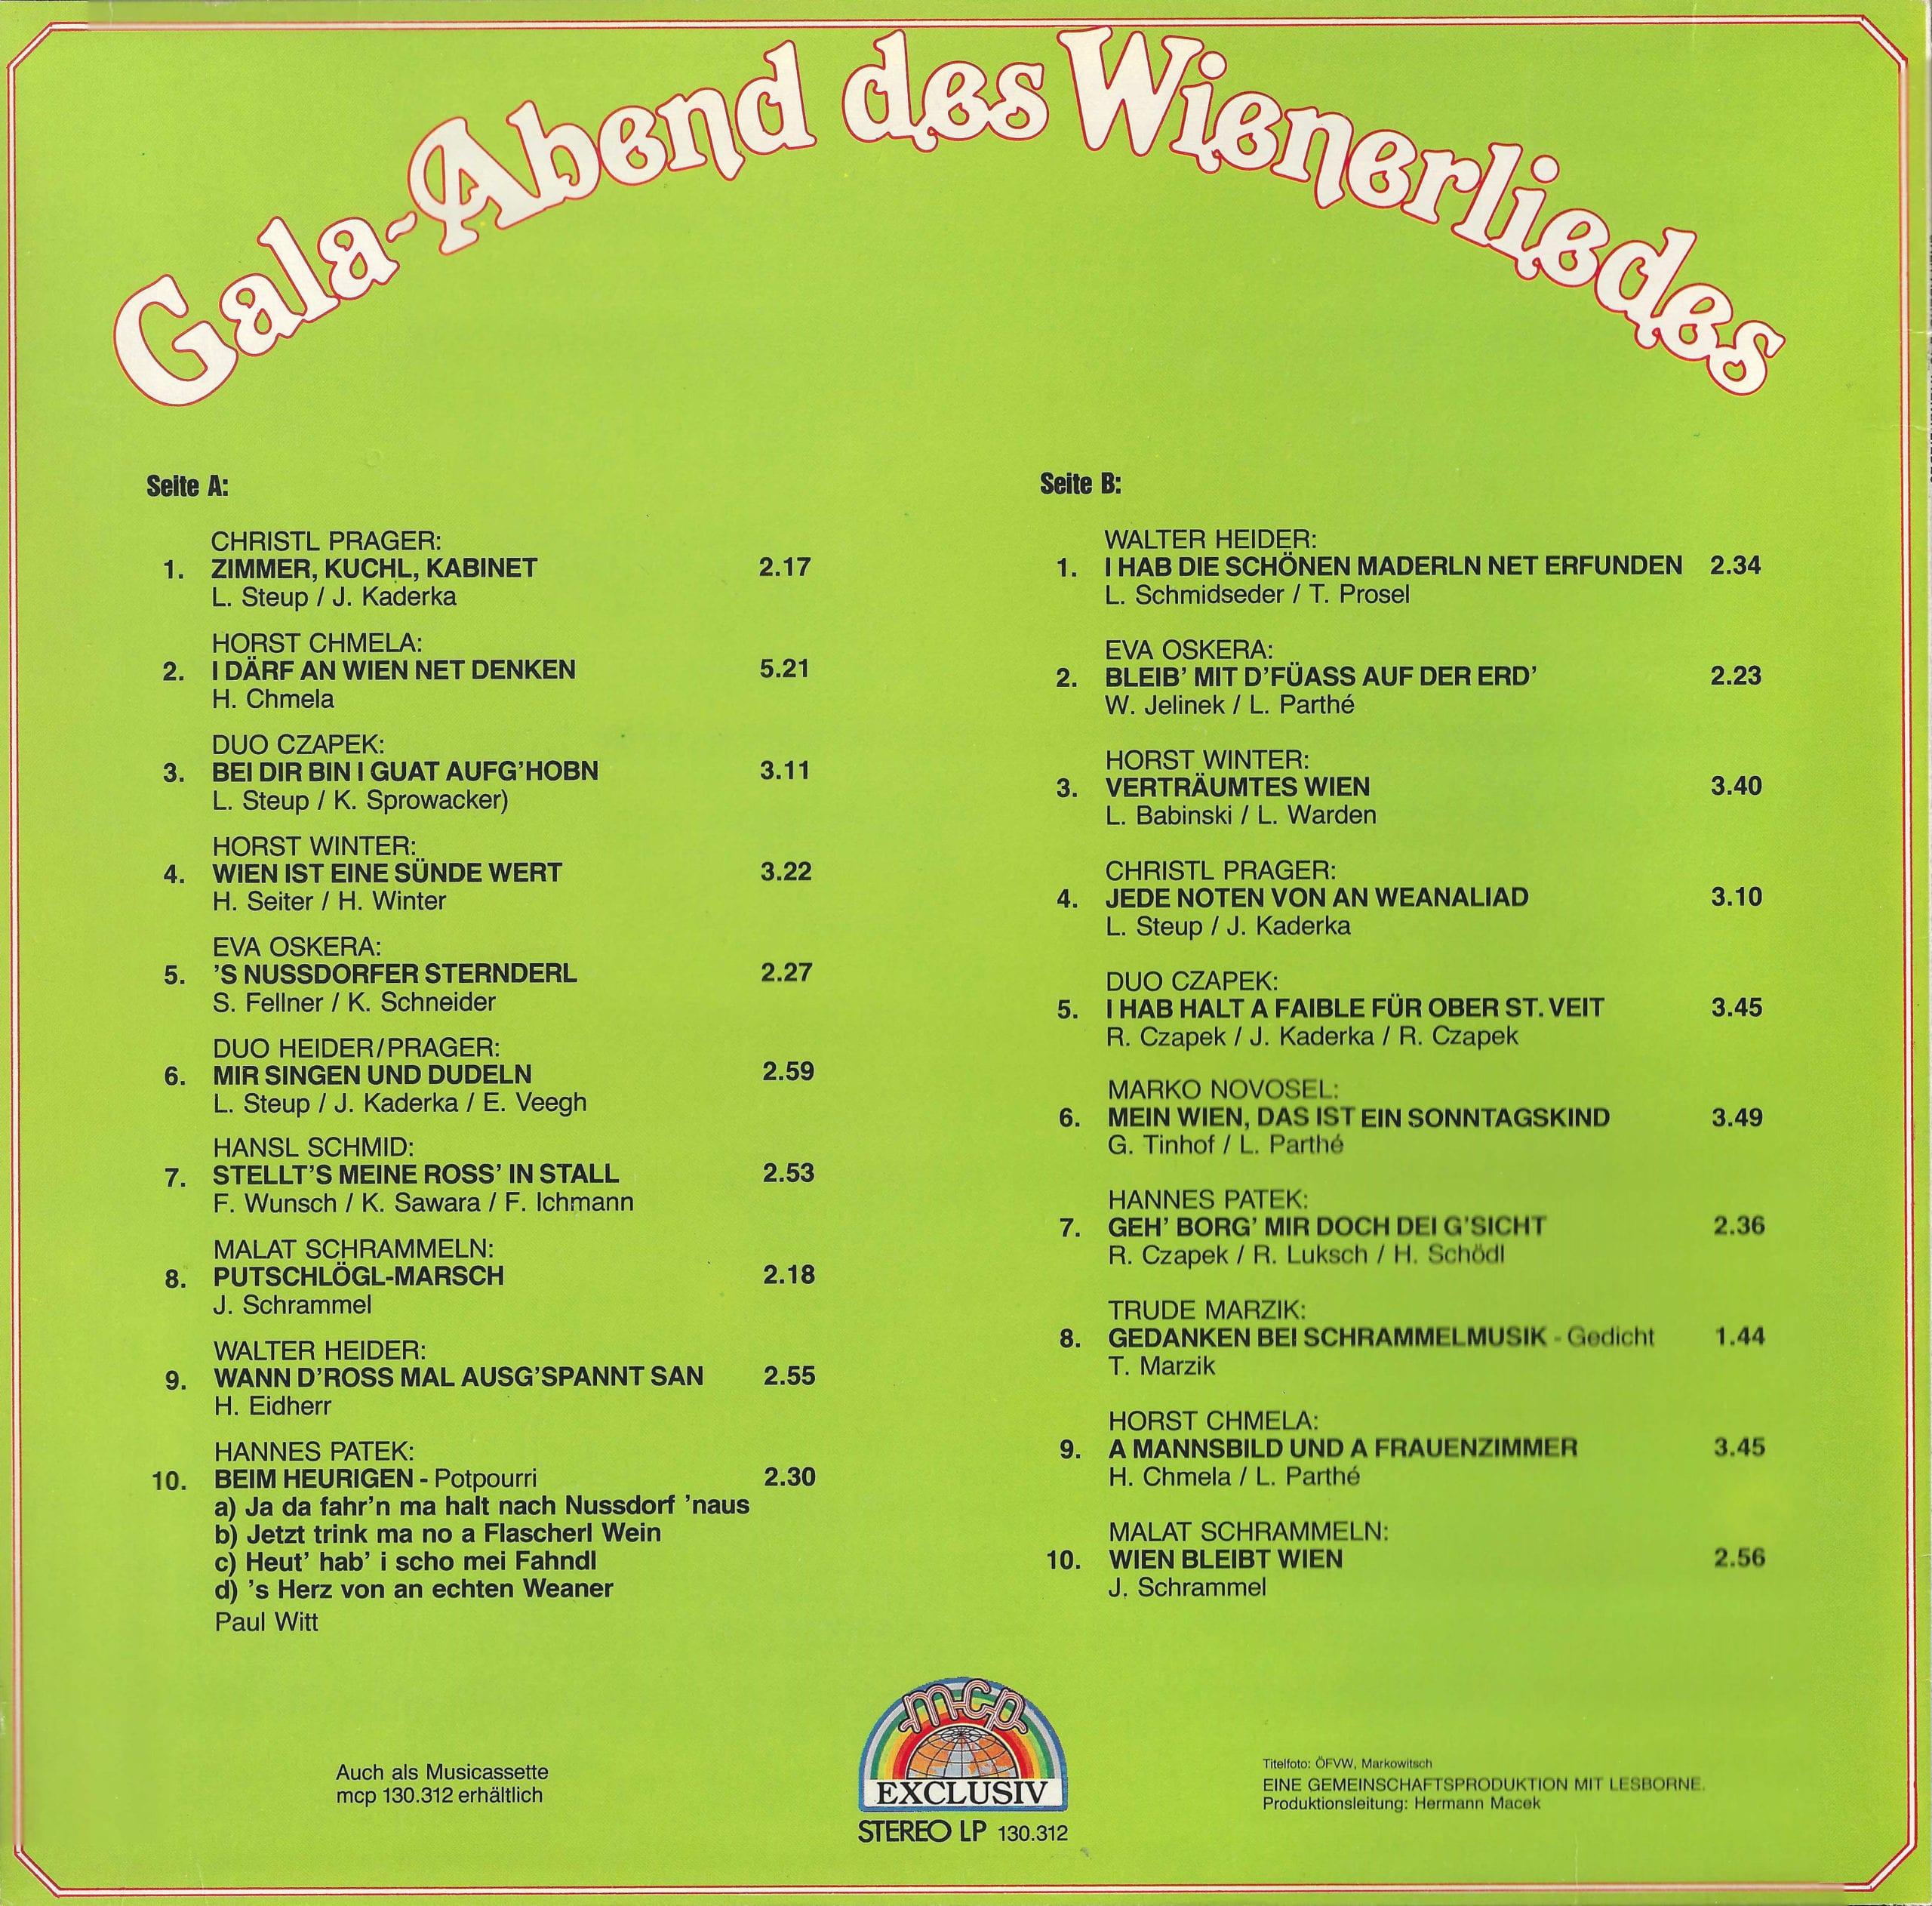 Gala-Abend des Wienerliedes – 2